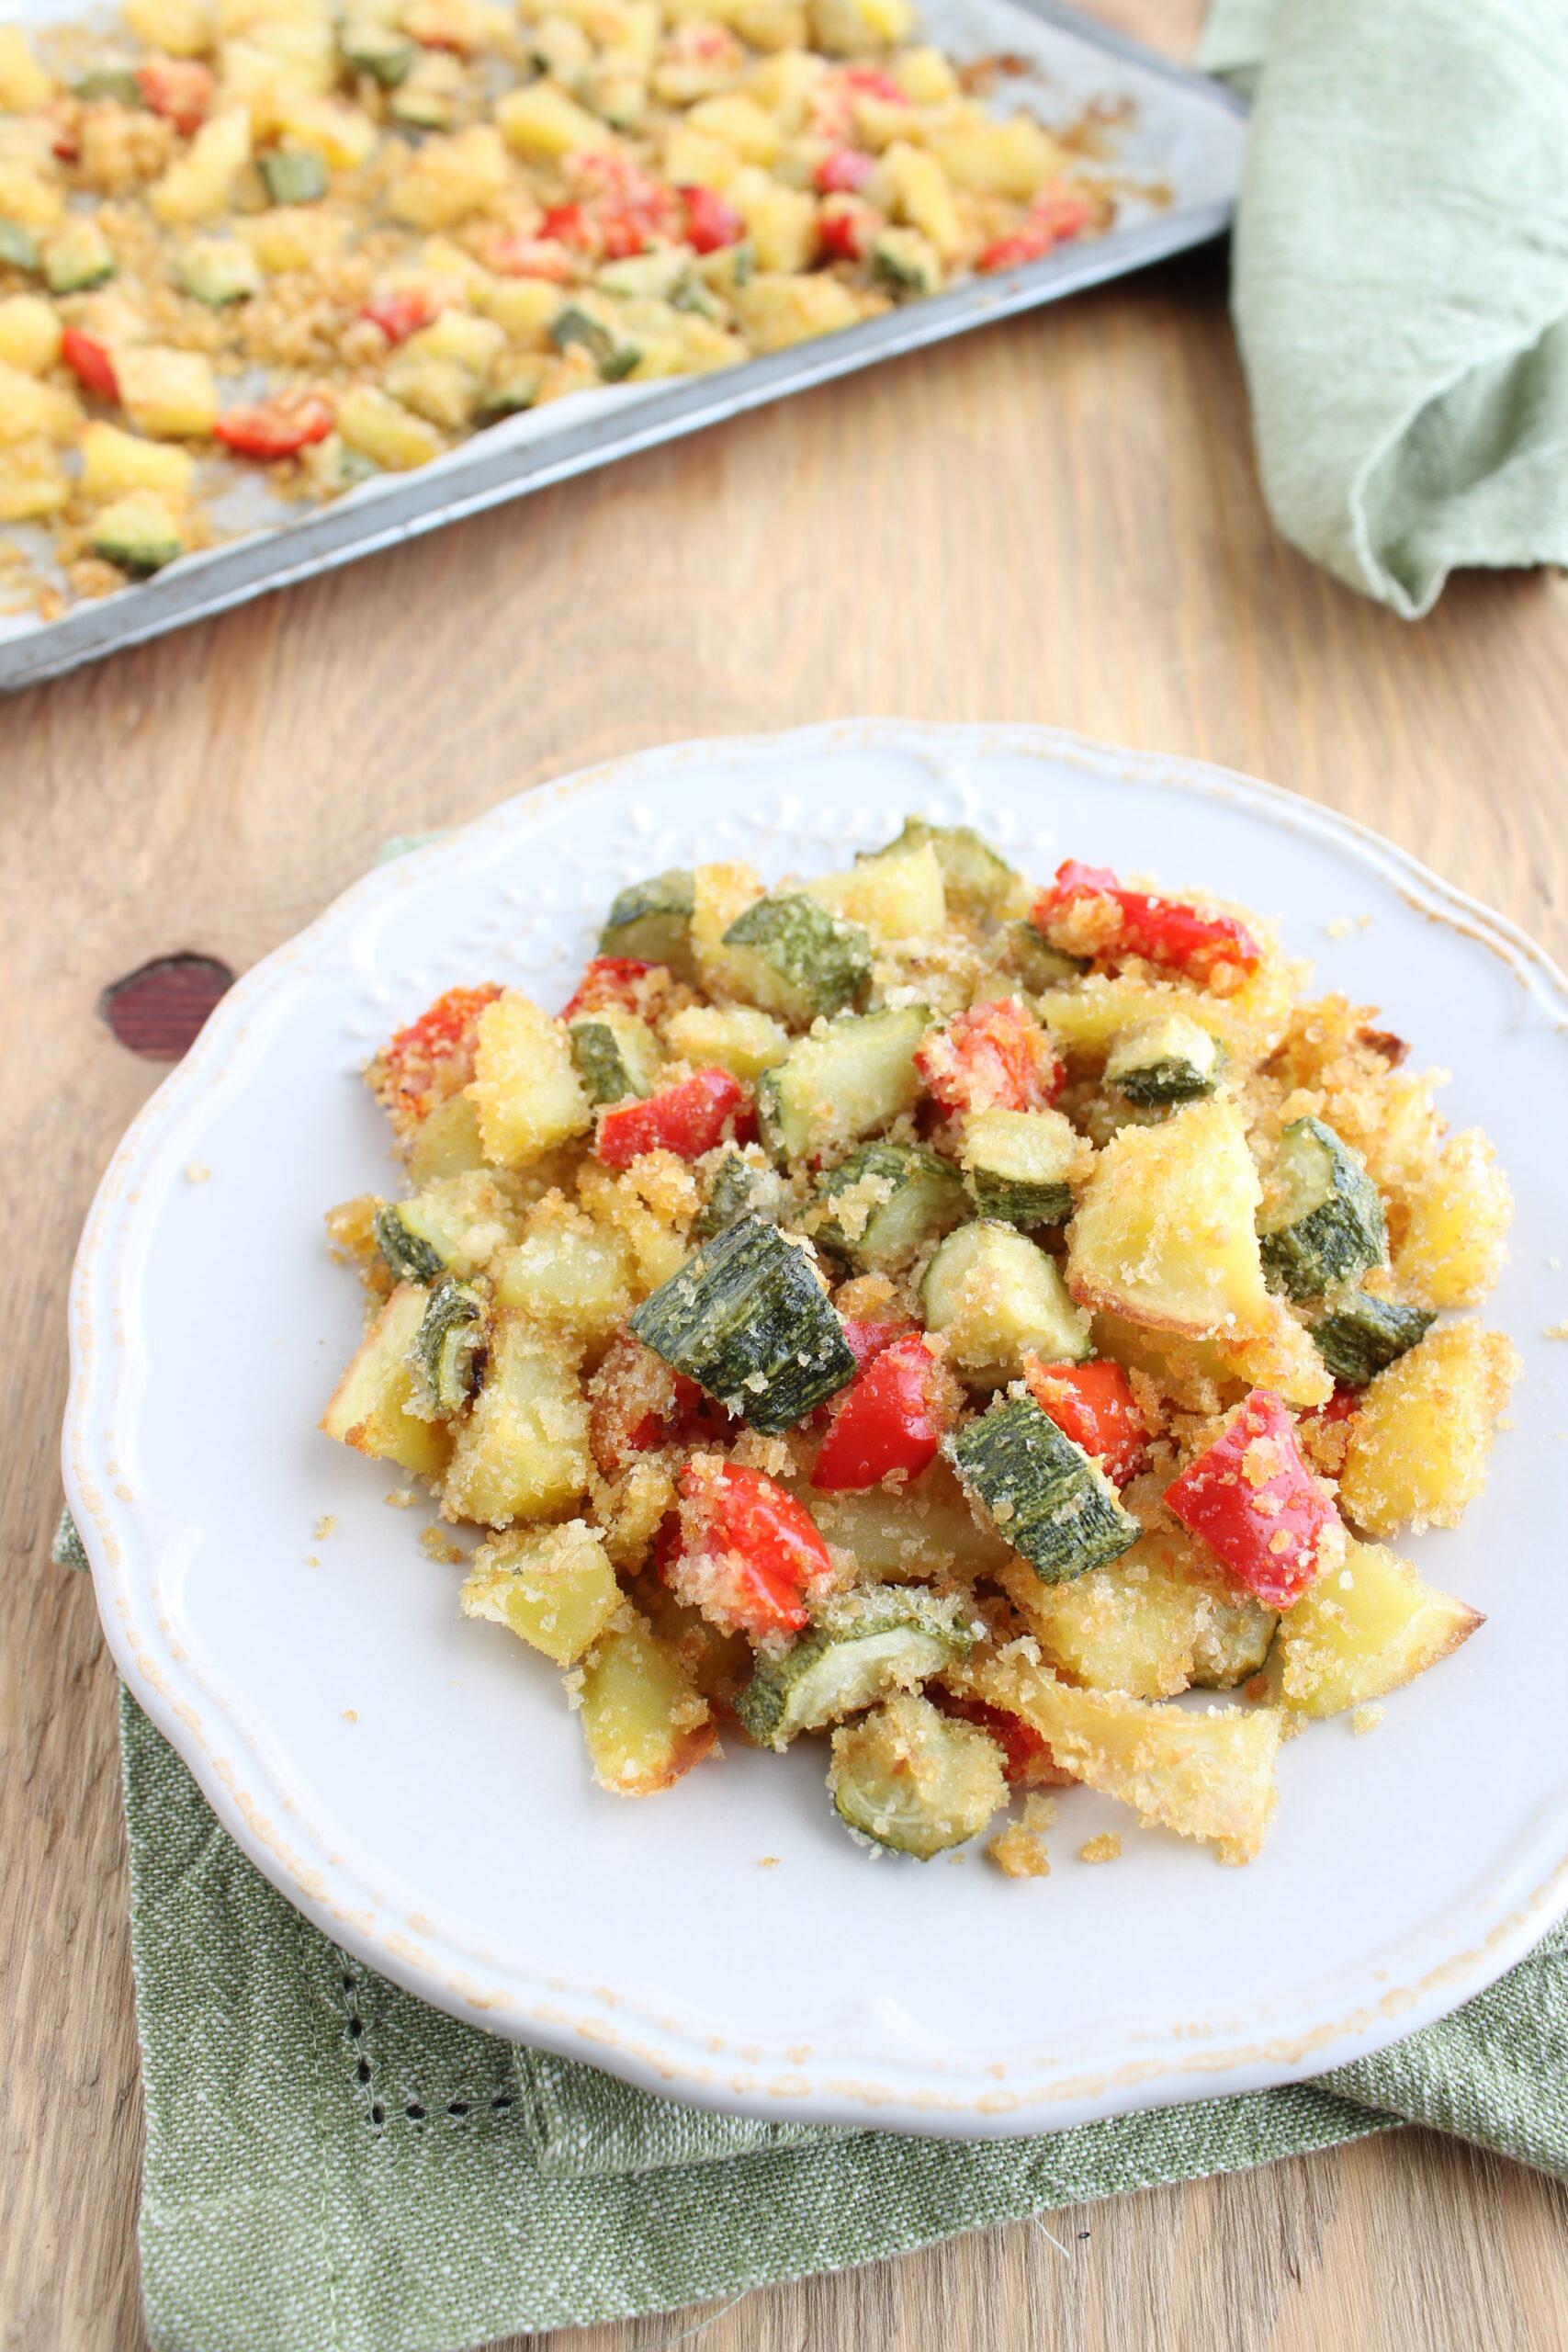 verdure al forno con pangrattato